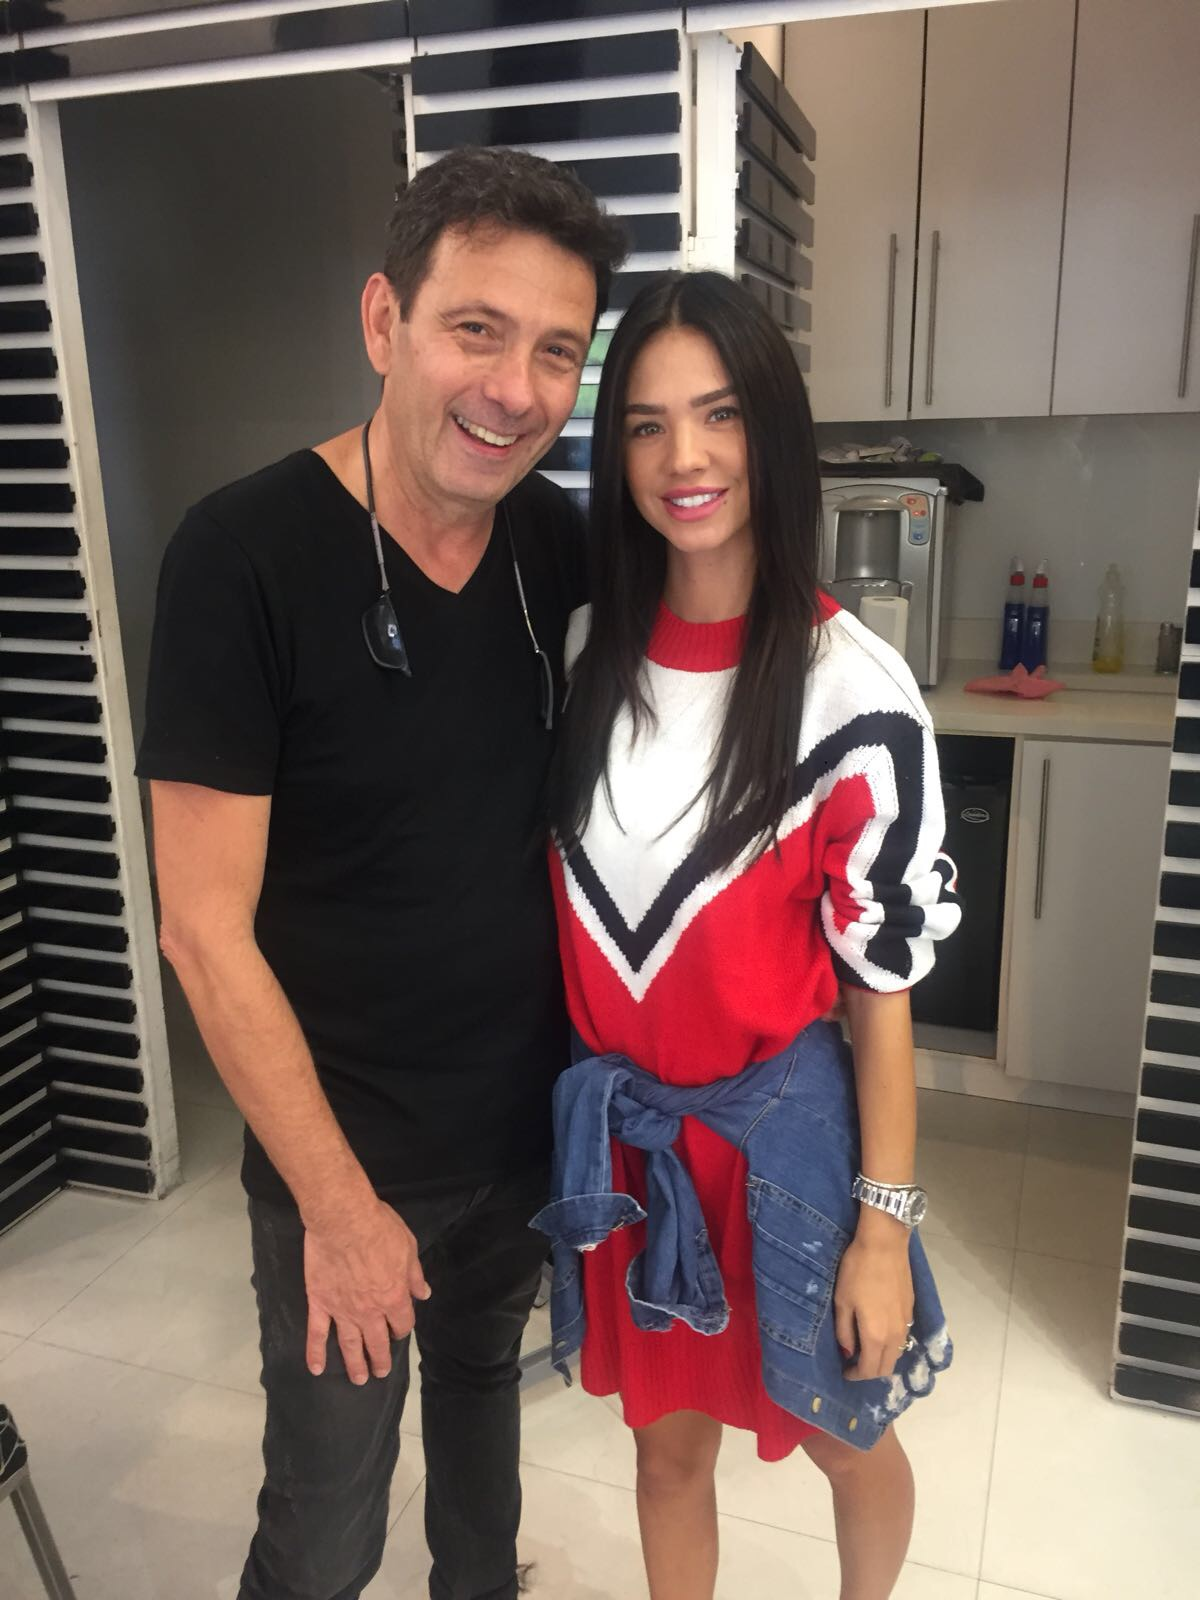 רוסלנה רודינה הגיעה אל מעצב השיער שלה אילן מרגלית